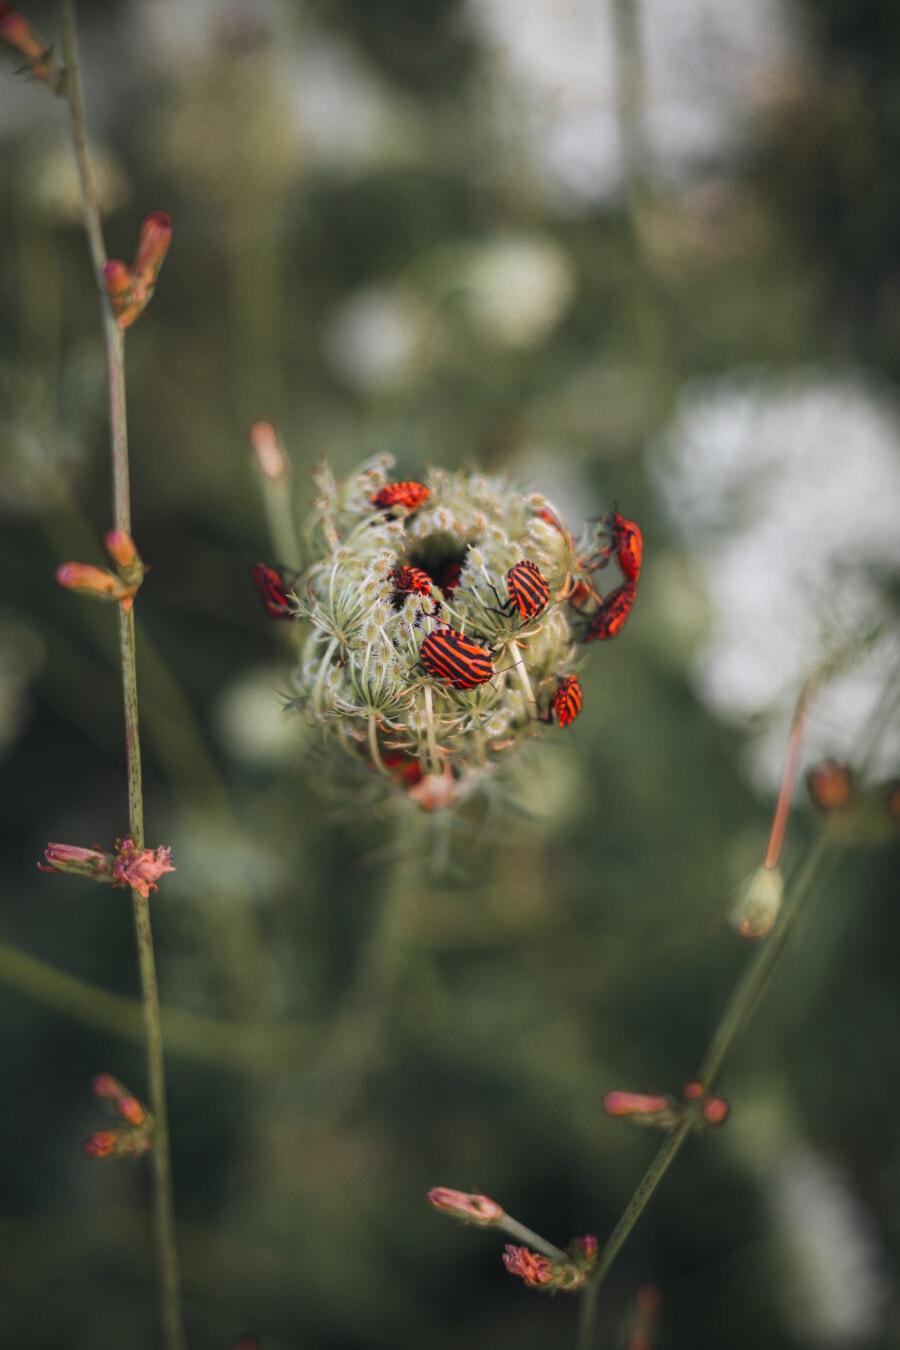 Käfer, Insekt, dunkelrot, Blume, Natur, Anlage, im freien, Sommer, Blatt, Flora